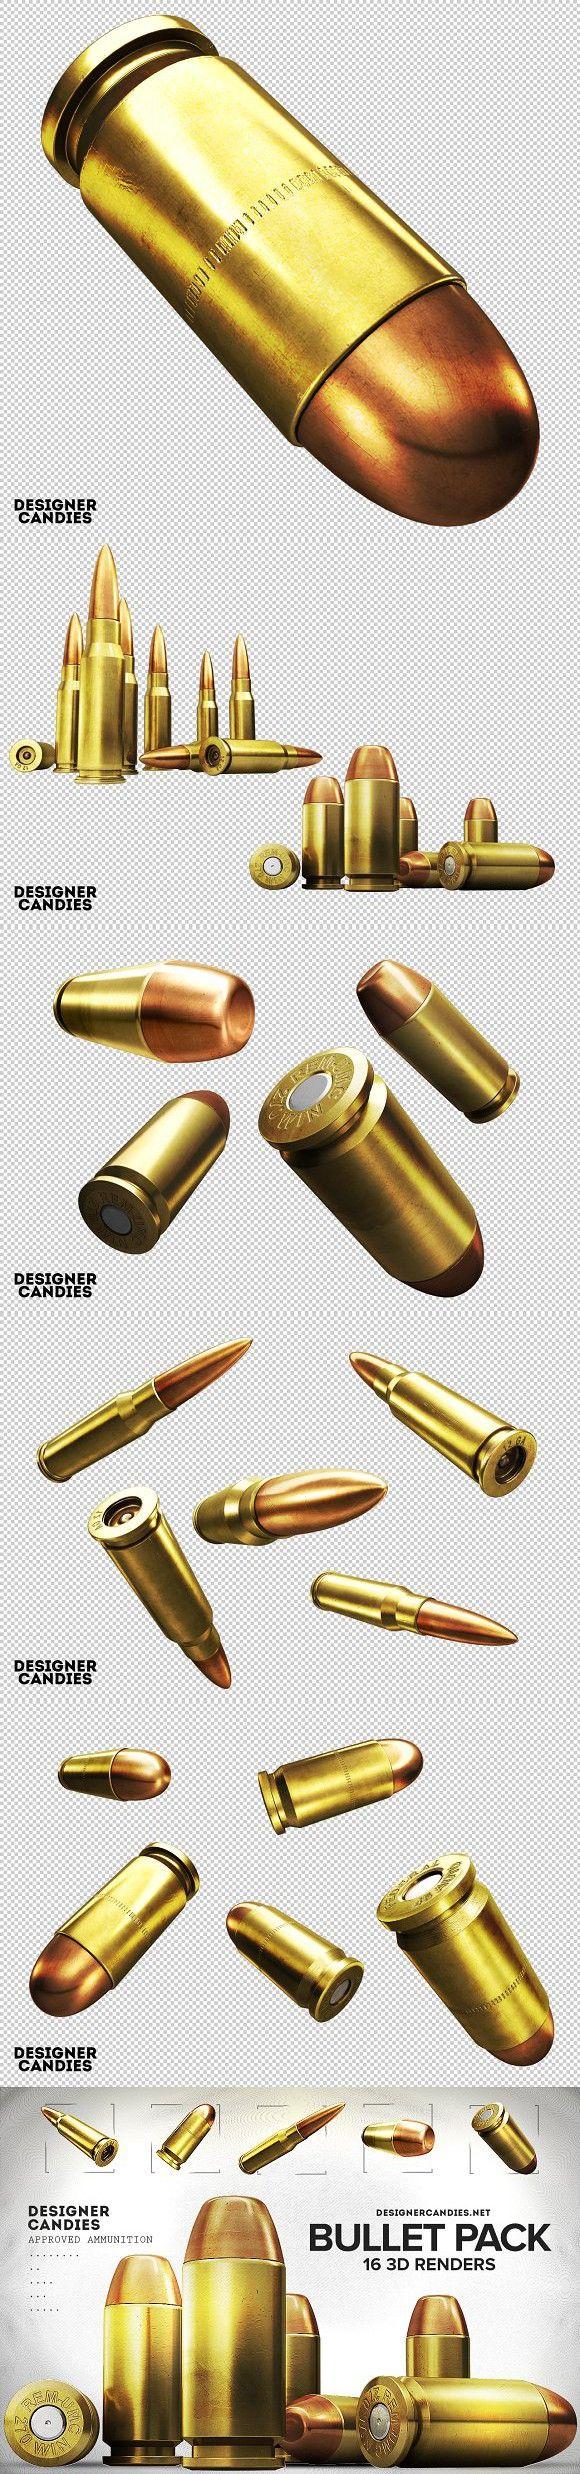 3d Bullet Renders Pack Rendering Bullet Design